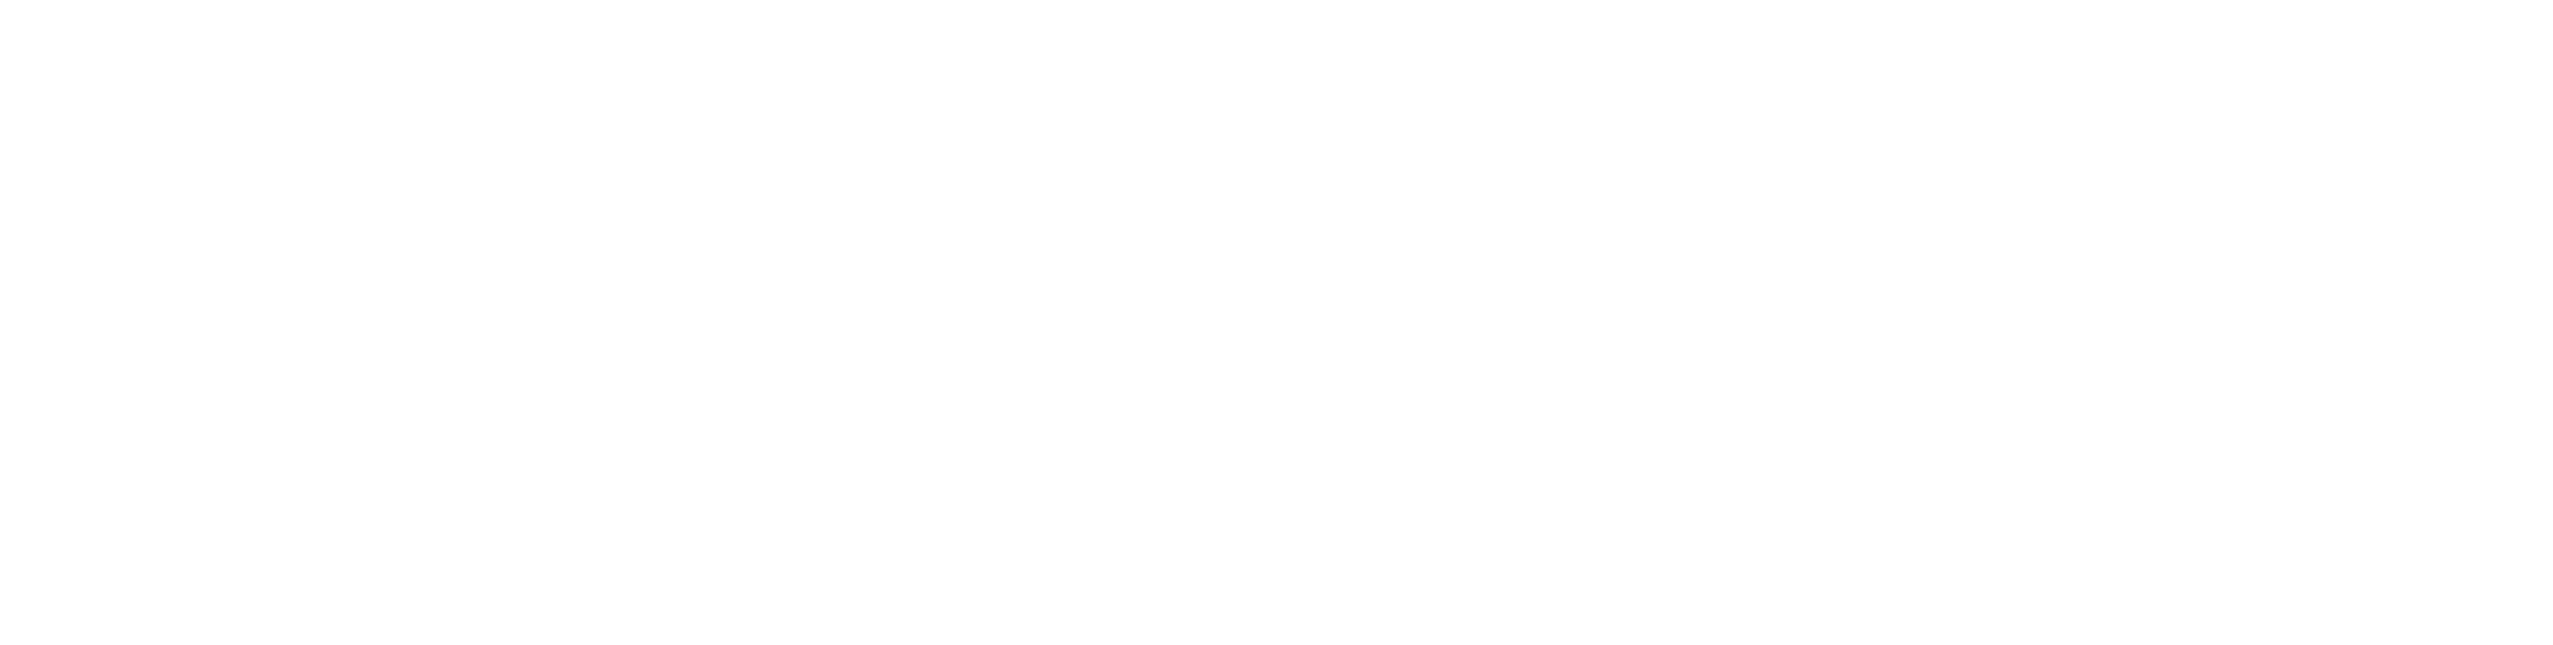 RoundCubers